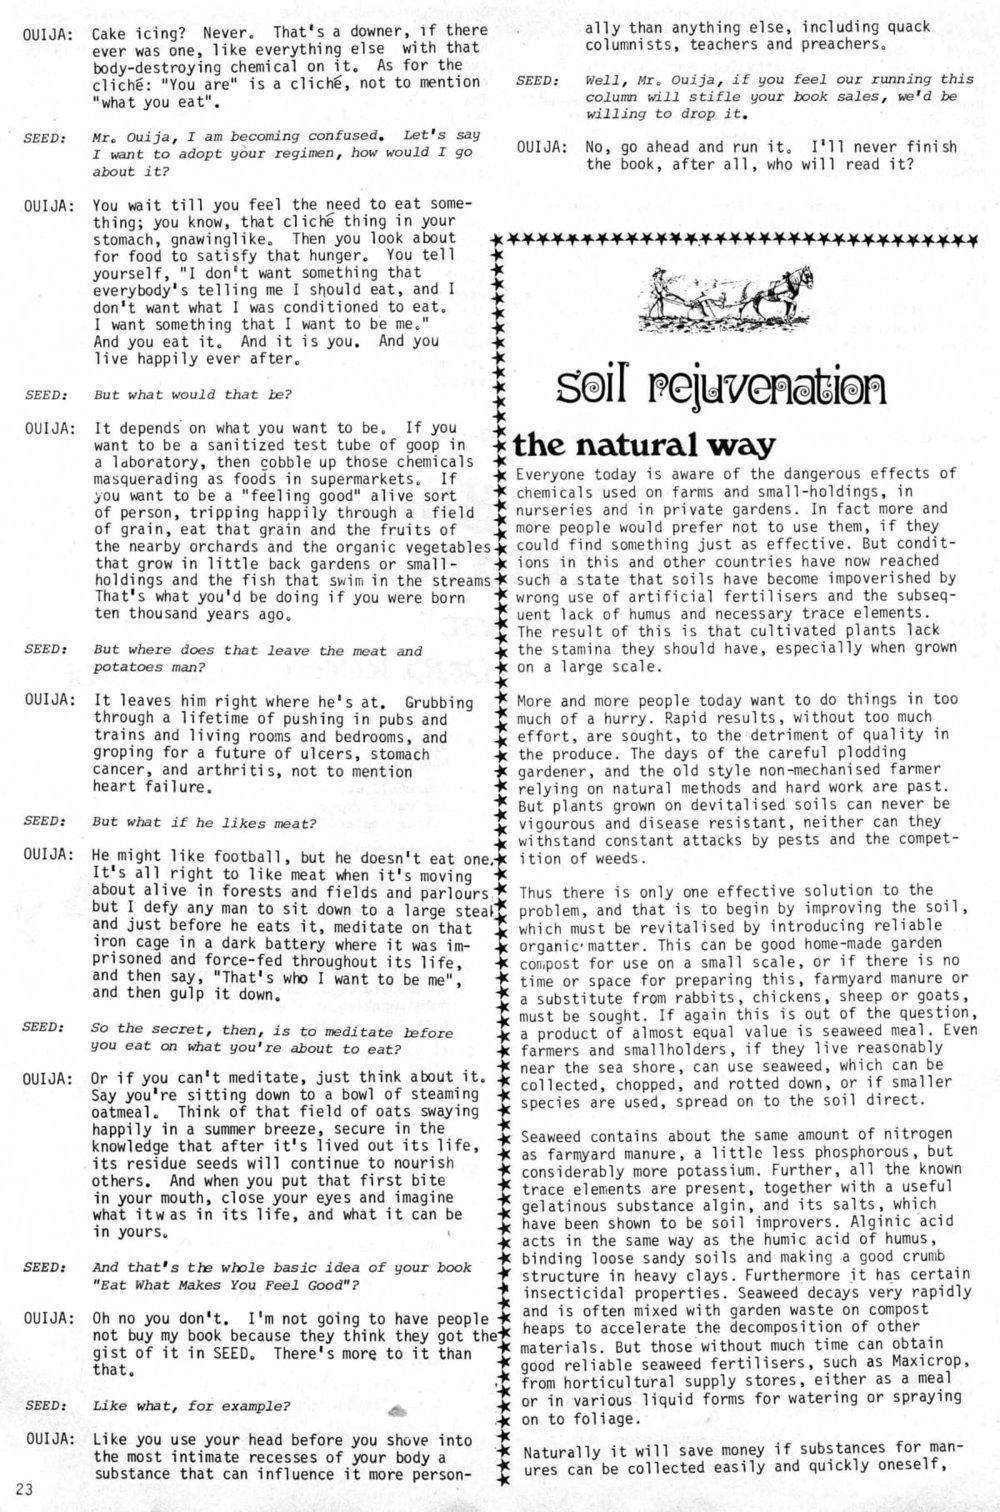 seed-v3-n3-march1974-23.jpg